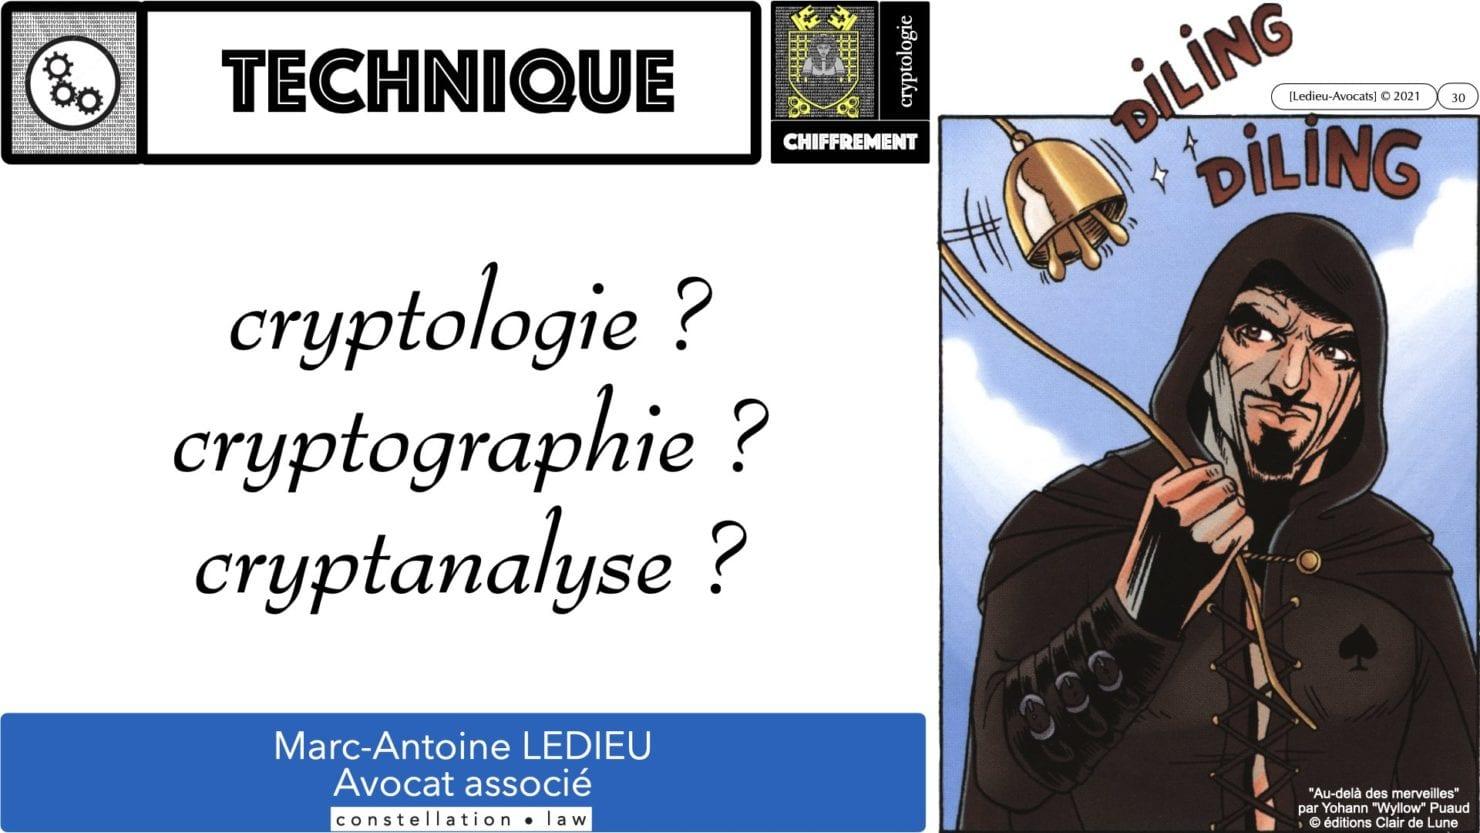 341 chiffrement cryptographie symetrique asymetrique hachage cryptographique TECHNIQUE JURIDIQUE © Ledieu-Avocat 05-07-2021.030